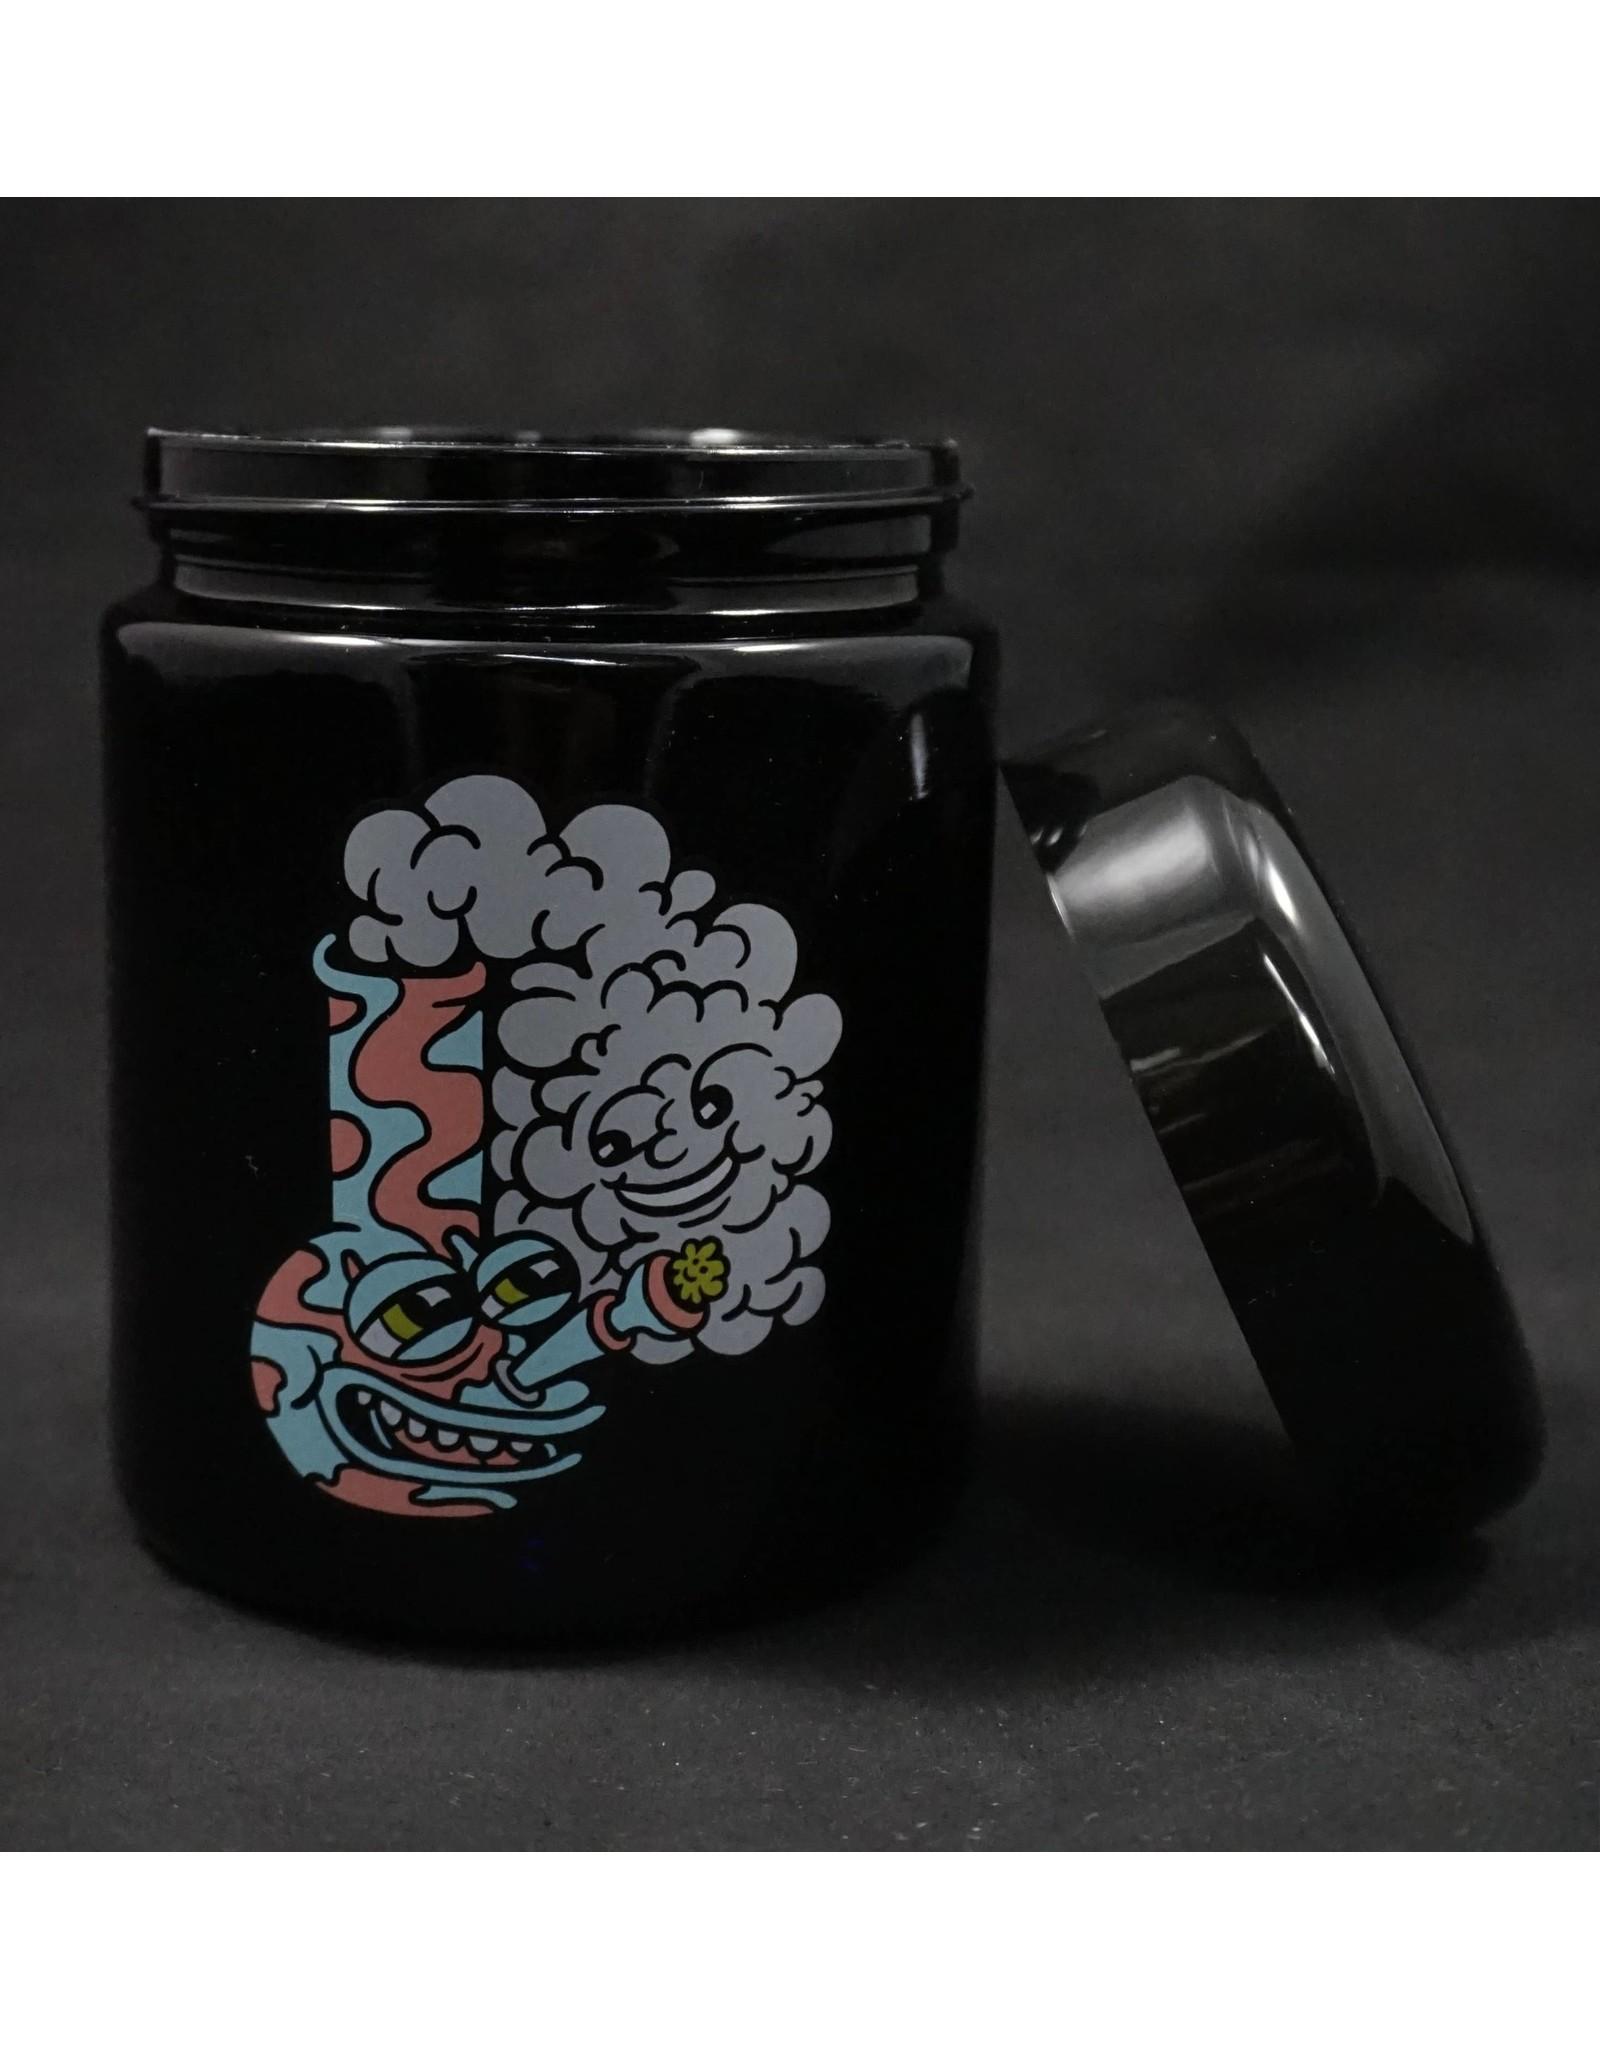 420 Science 420 Science Jars Large Happy Bong UV Screw Top